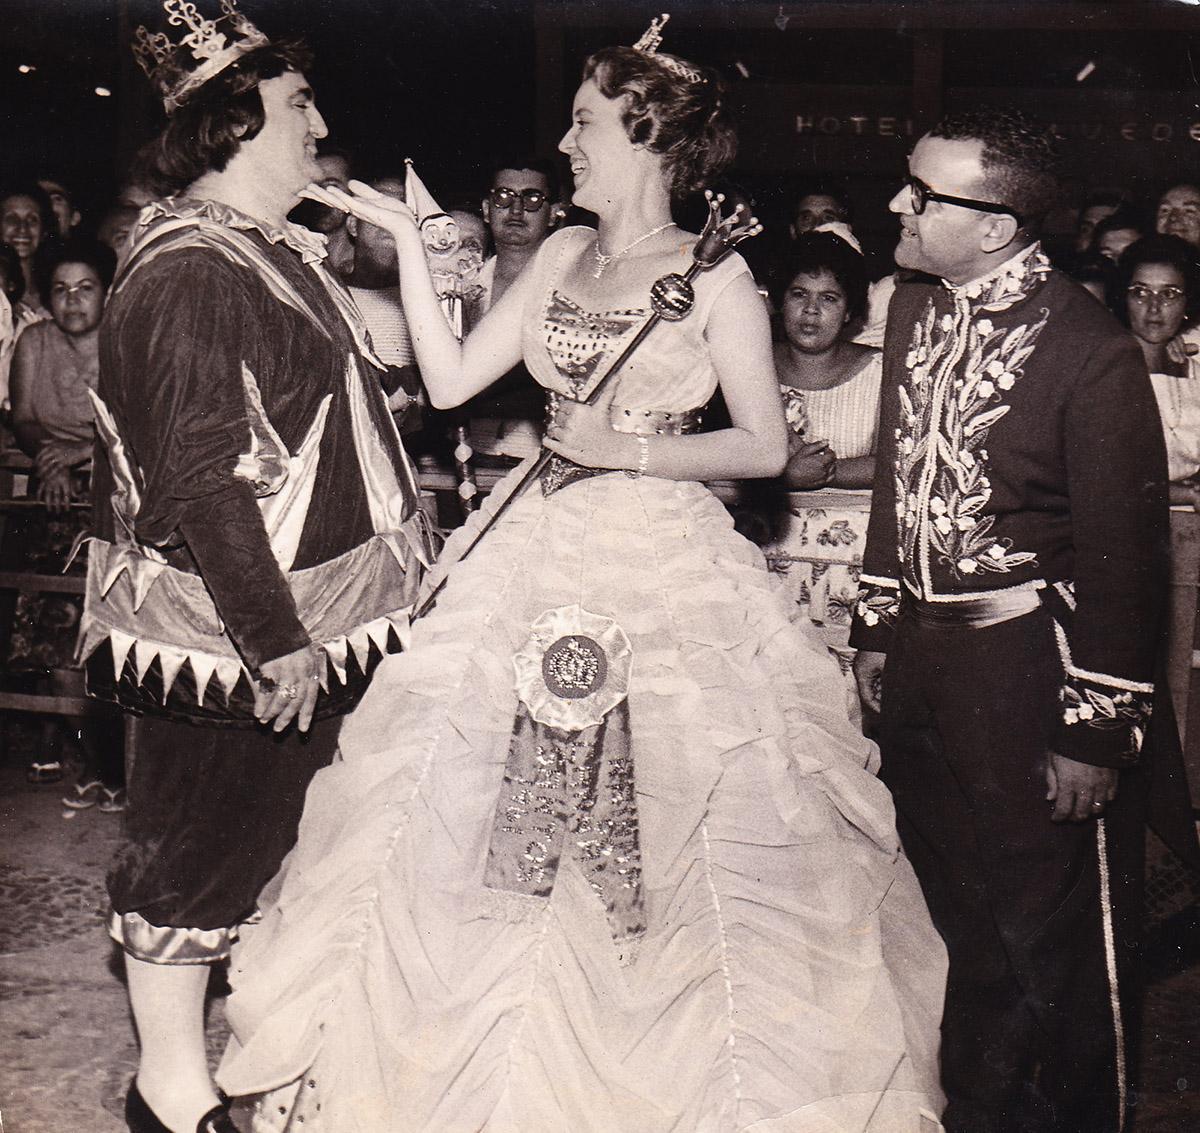 Descontração com a Corte de 1961: a Rainha Mause Prée e o Chanceler Bandeira Júnior. Clique na imagem para ver maior.